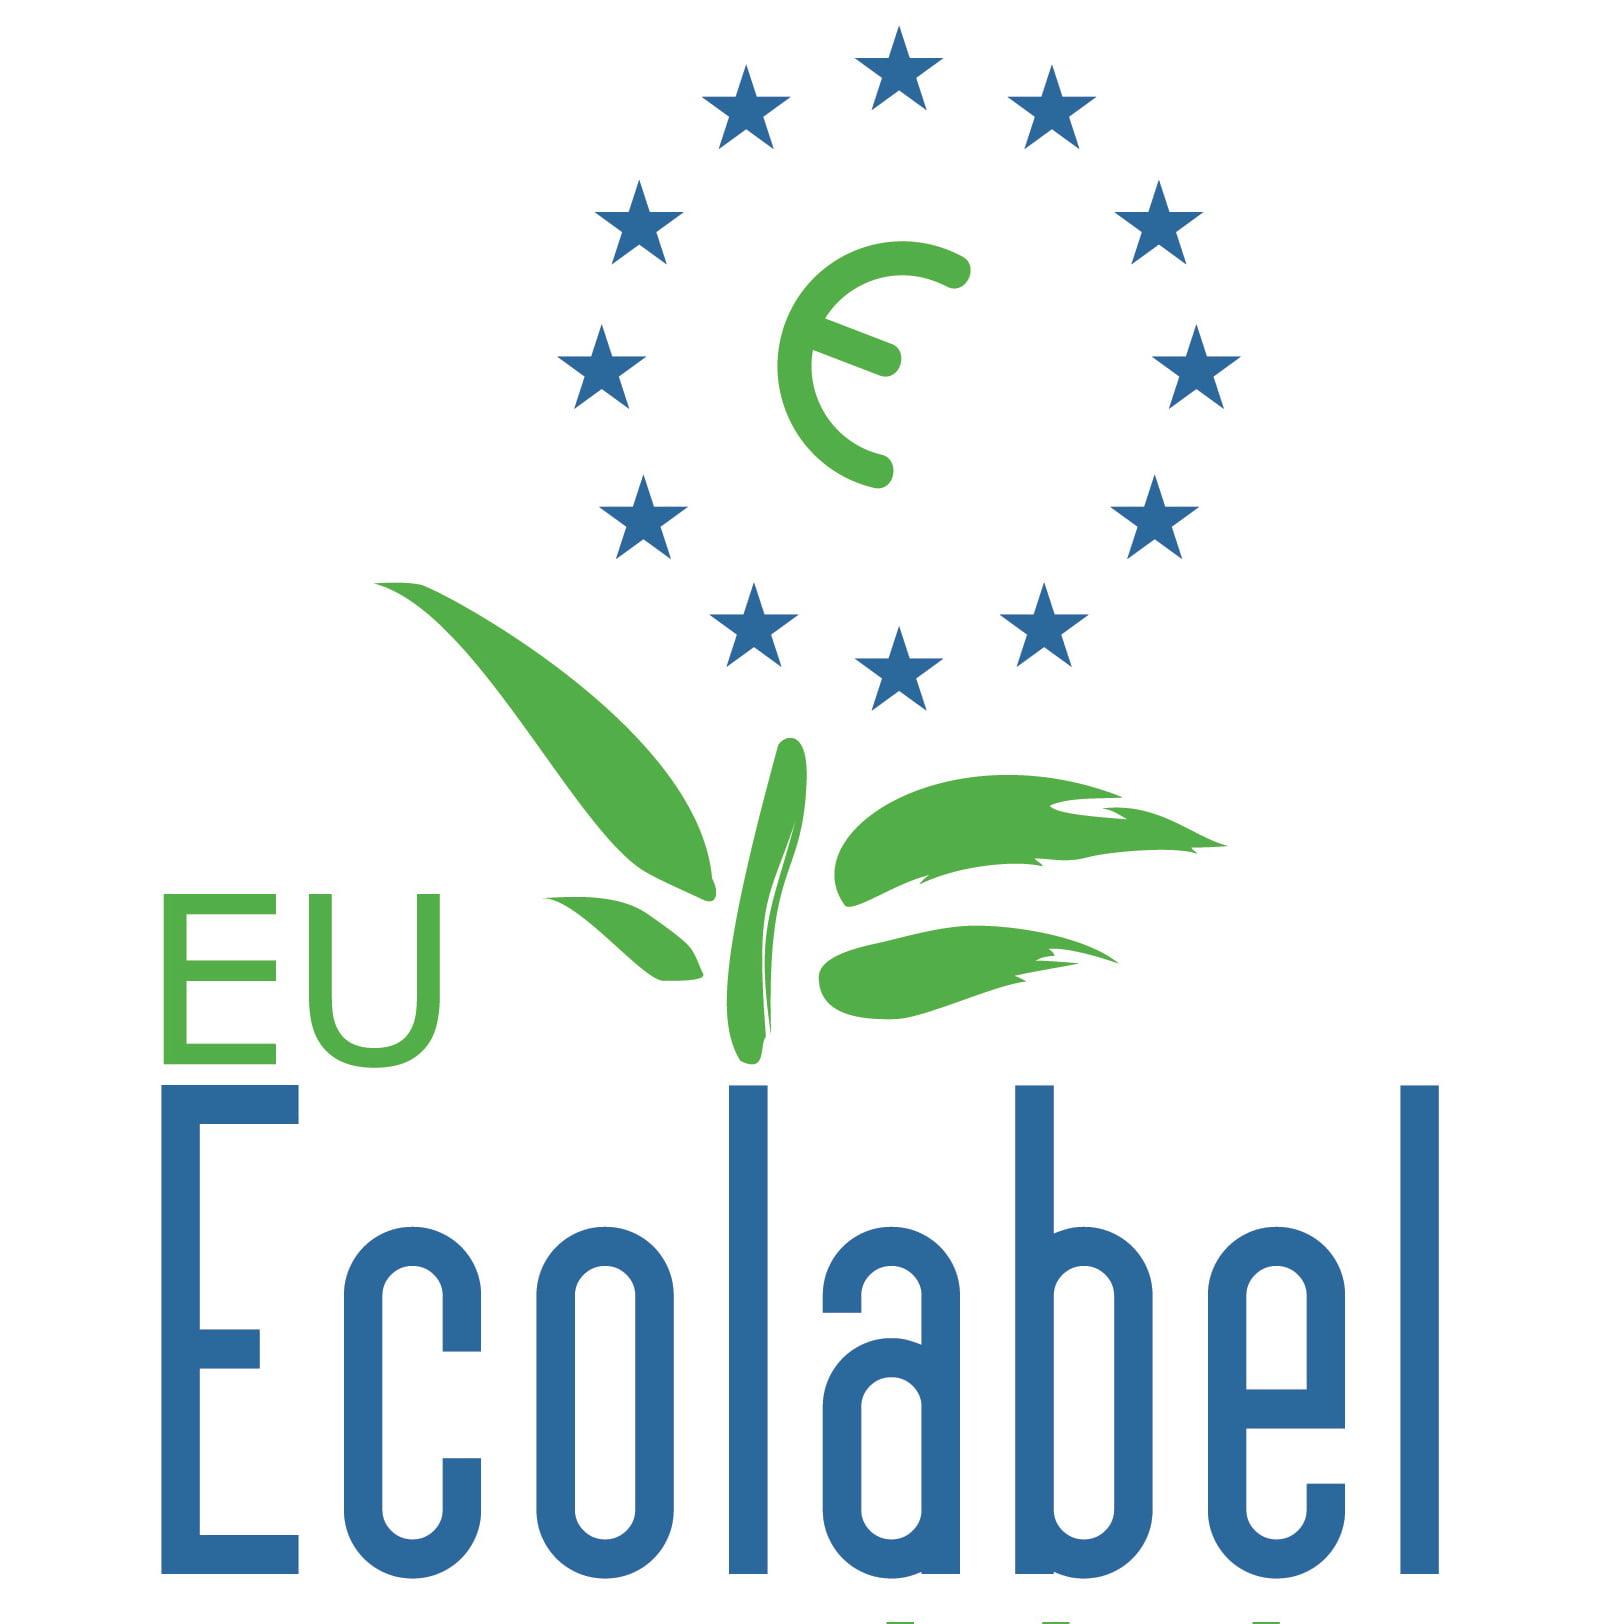 Eu Ecolabel 1